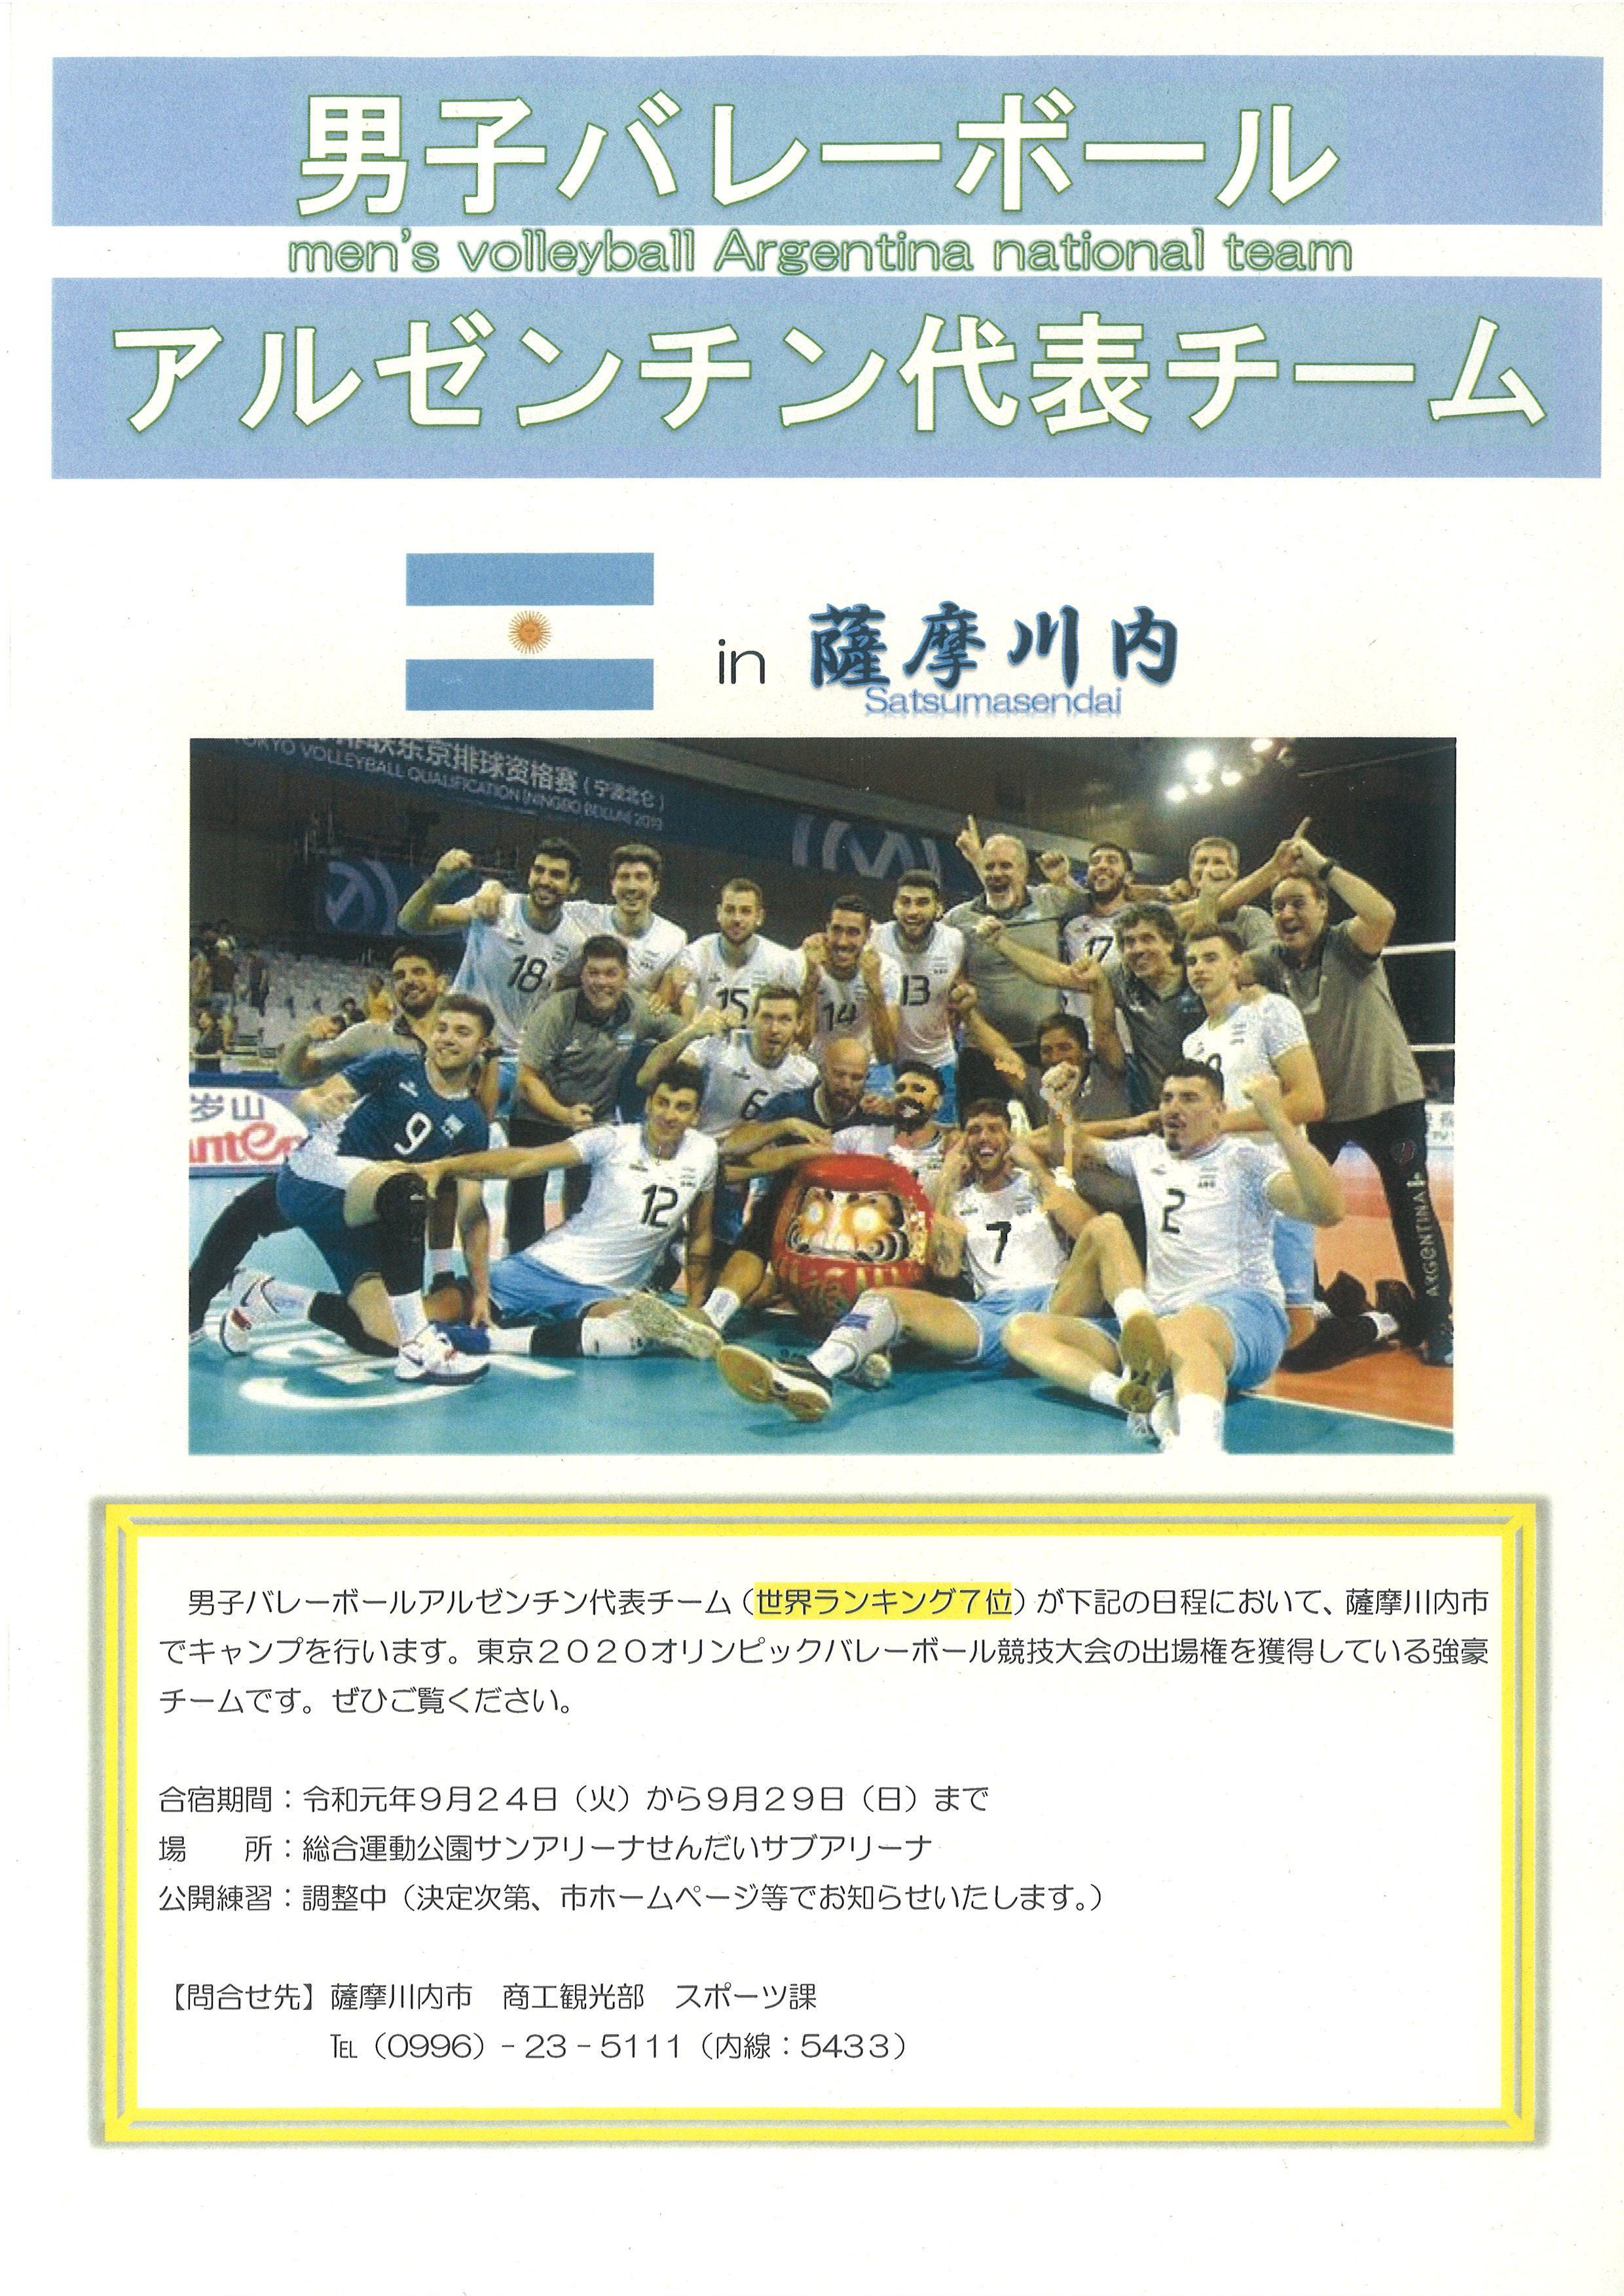 男子バレーボールアルゼンチン代表チーム薩摩川内キャンプ